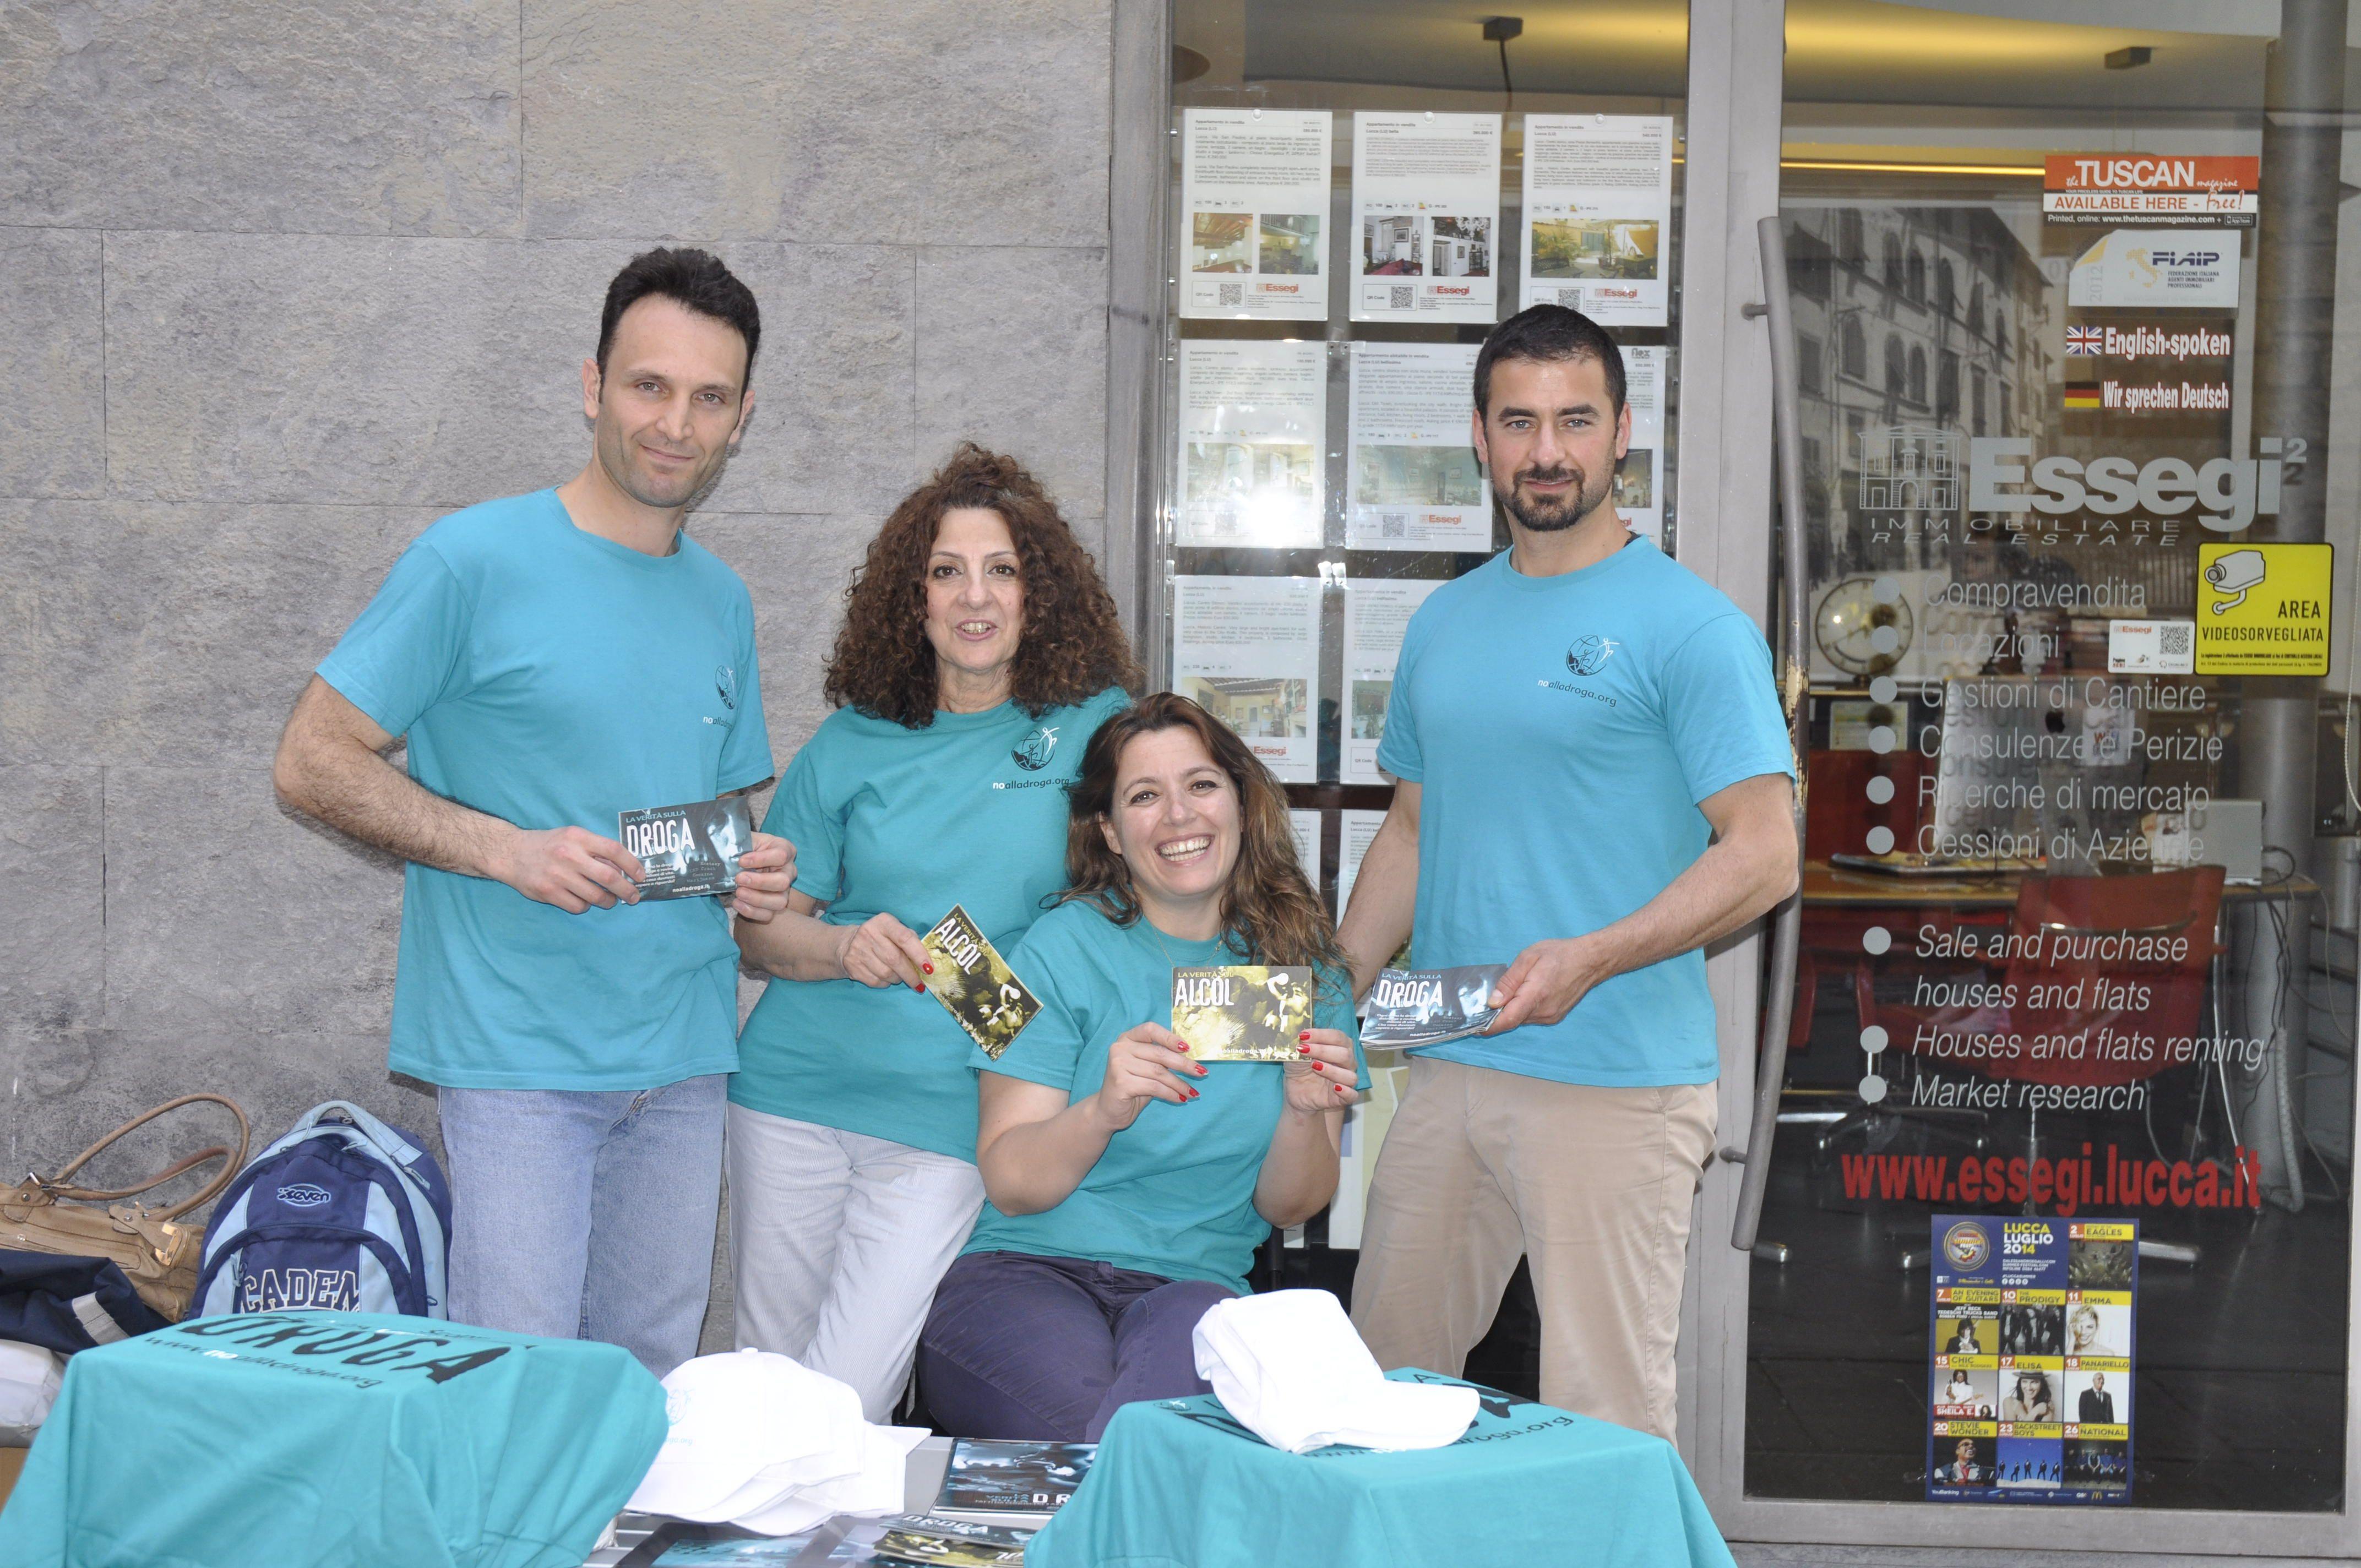 Comunicato Stampa: I volontari del Celebrity Centre della città di Firenze, distribuiscono materiale informativo sulle droghe e portano avanti il programma umanitario della fondazione per Un Mondo Libero dalla Droga